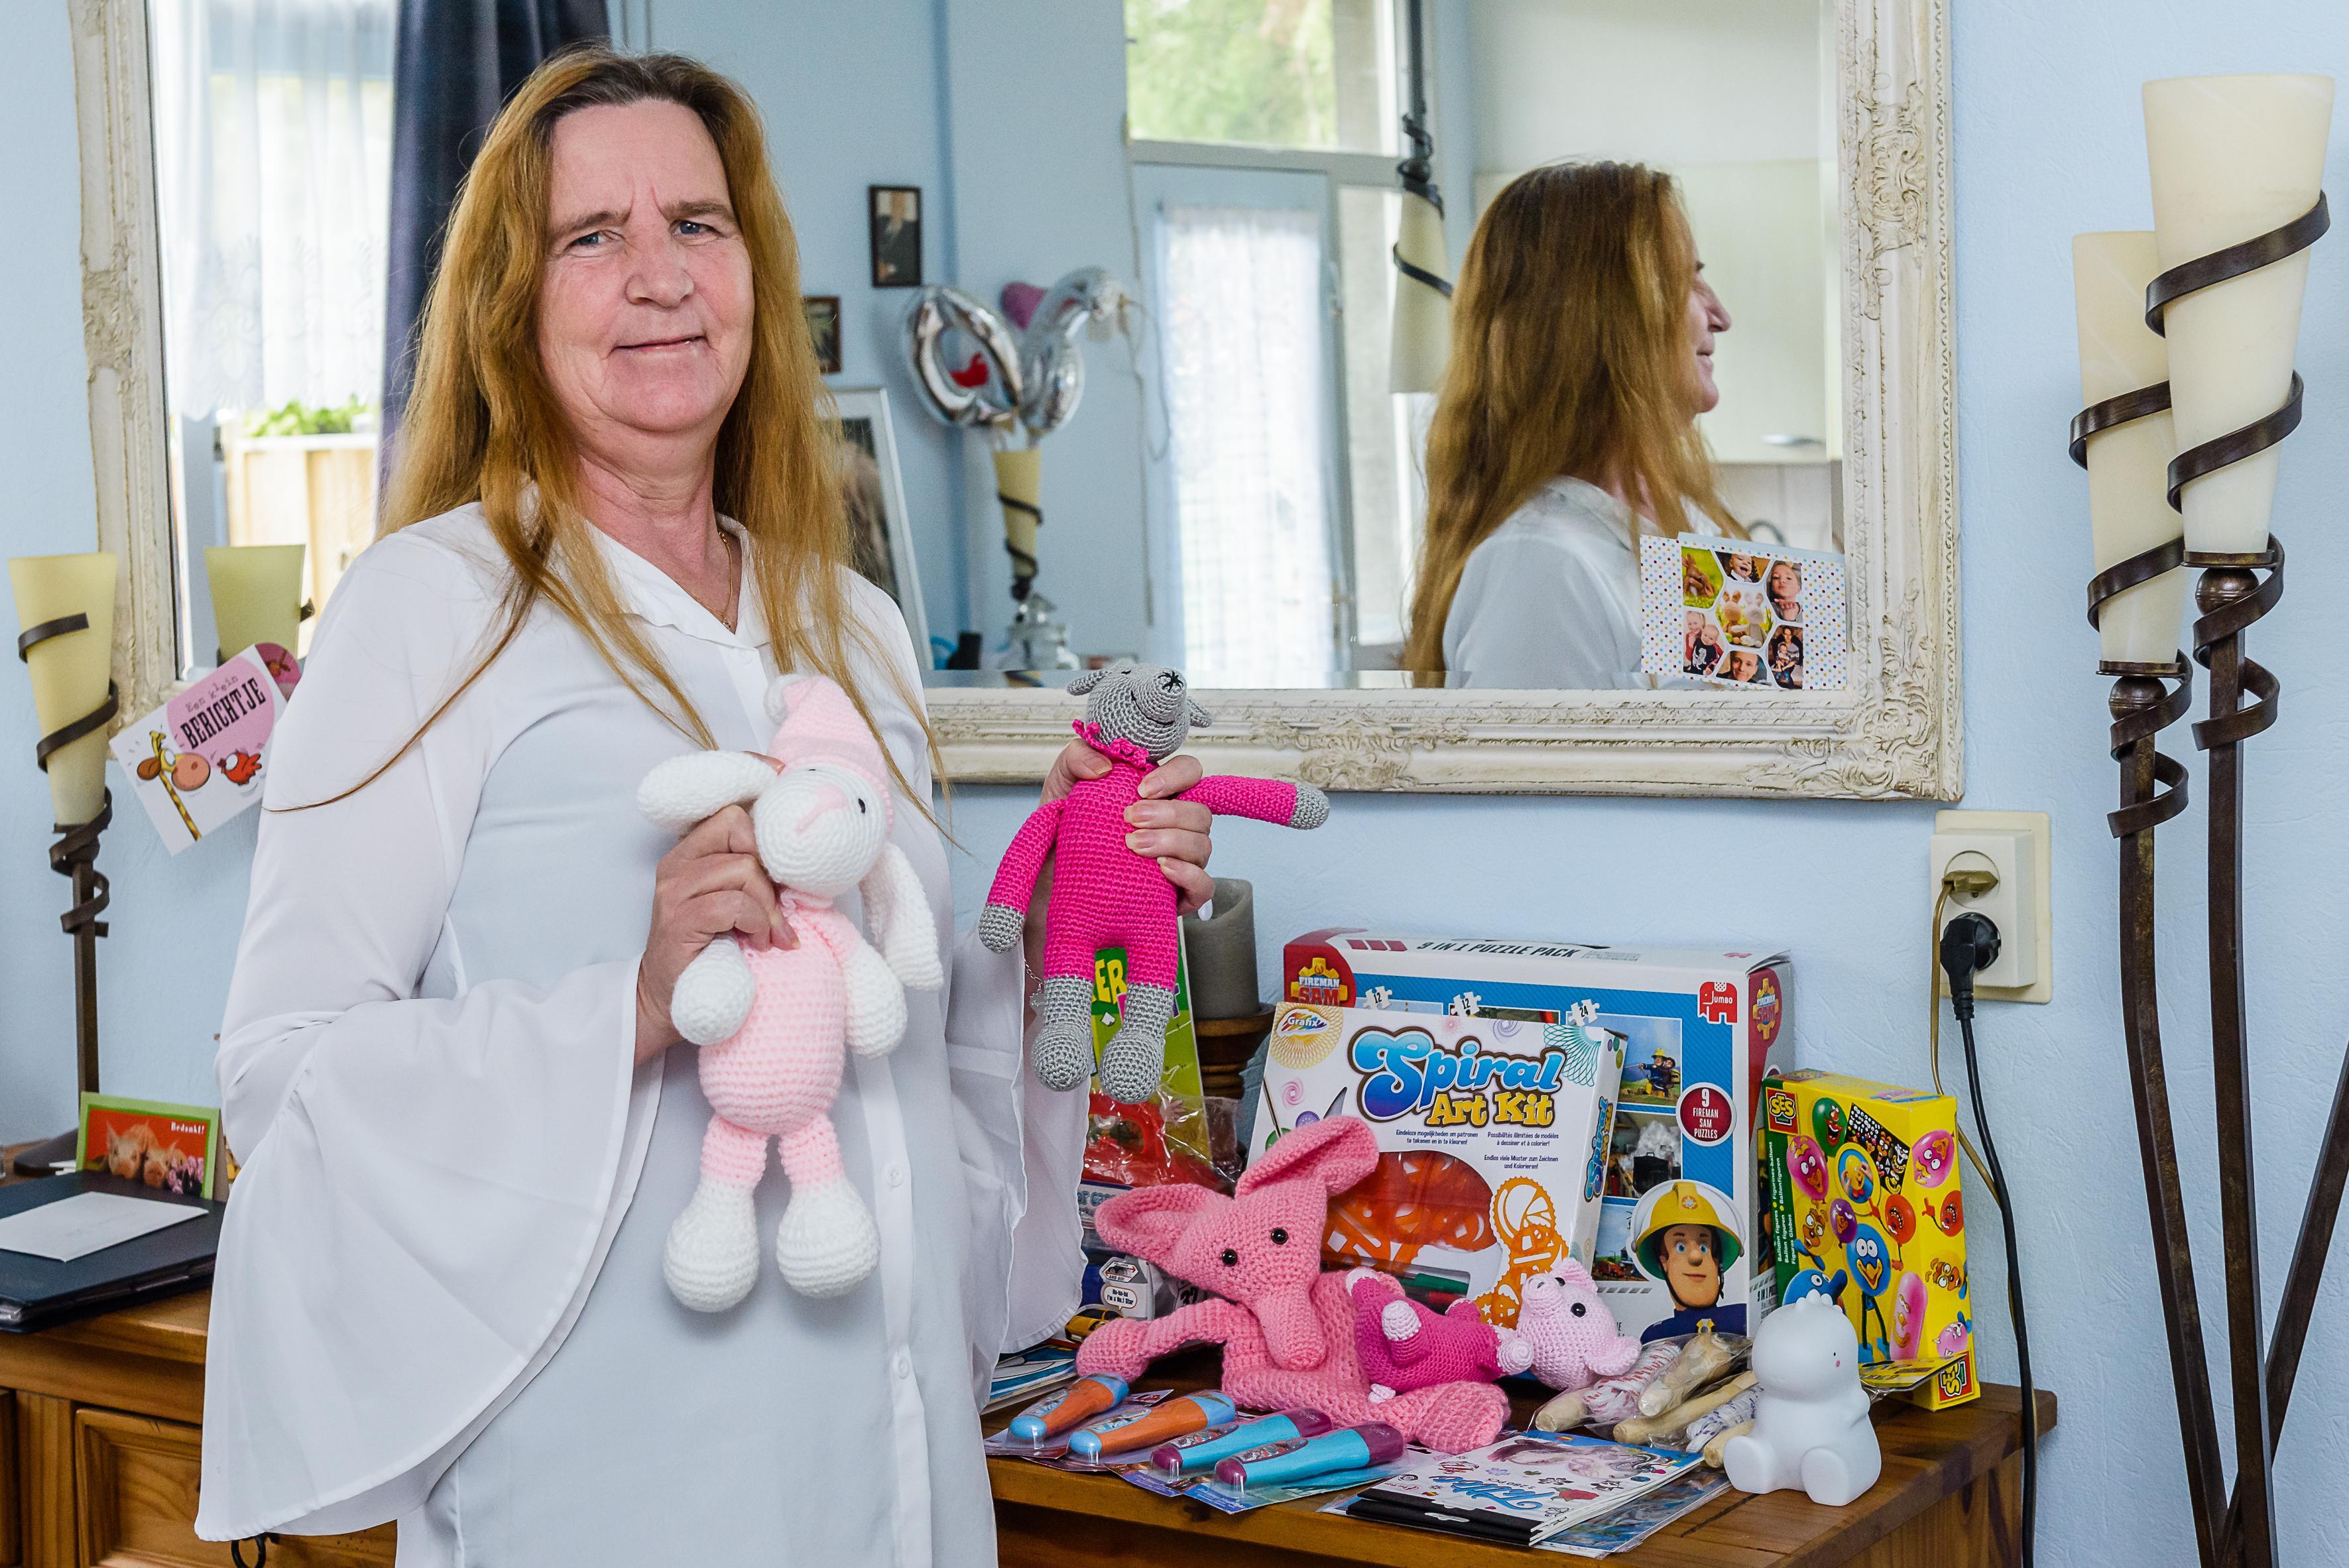 Louisa (58) ontvluchtte zelf bittere armoede en helpt nu minimagezinnen de feestdagen door: 'Kinderen in armoede staan aan de zijlijn'